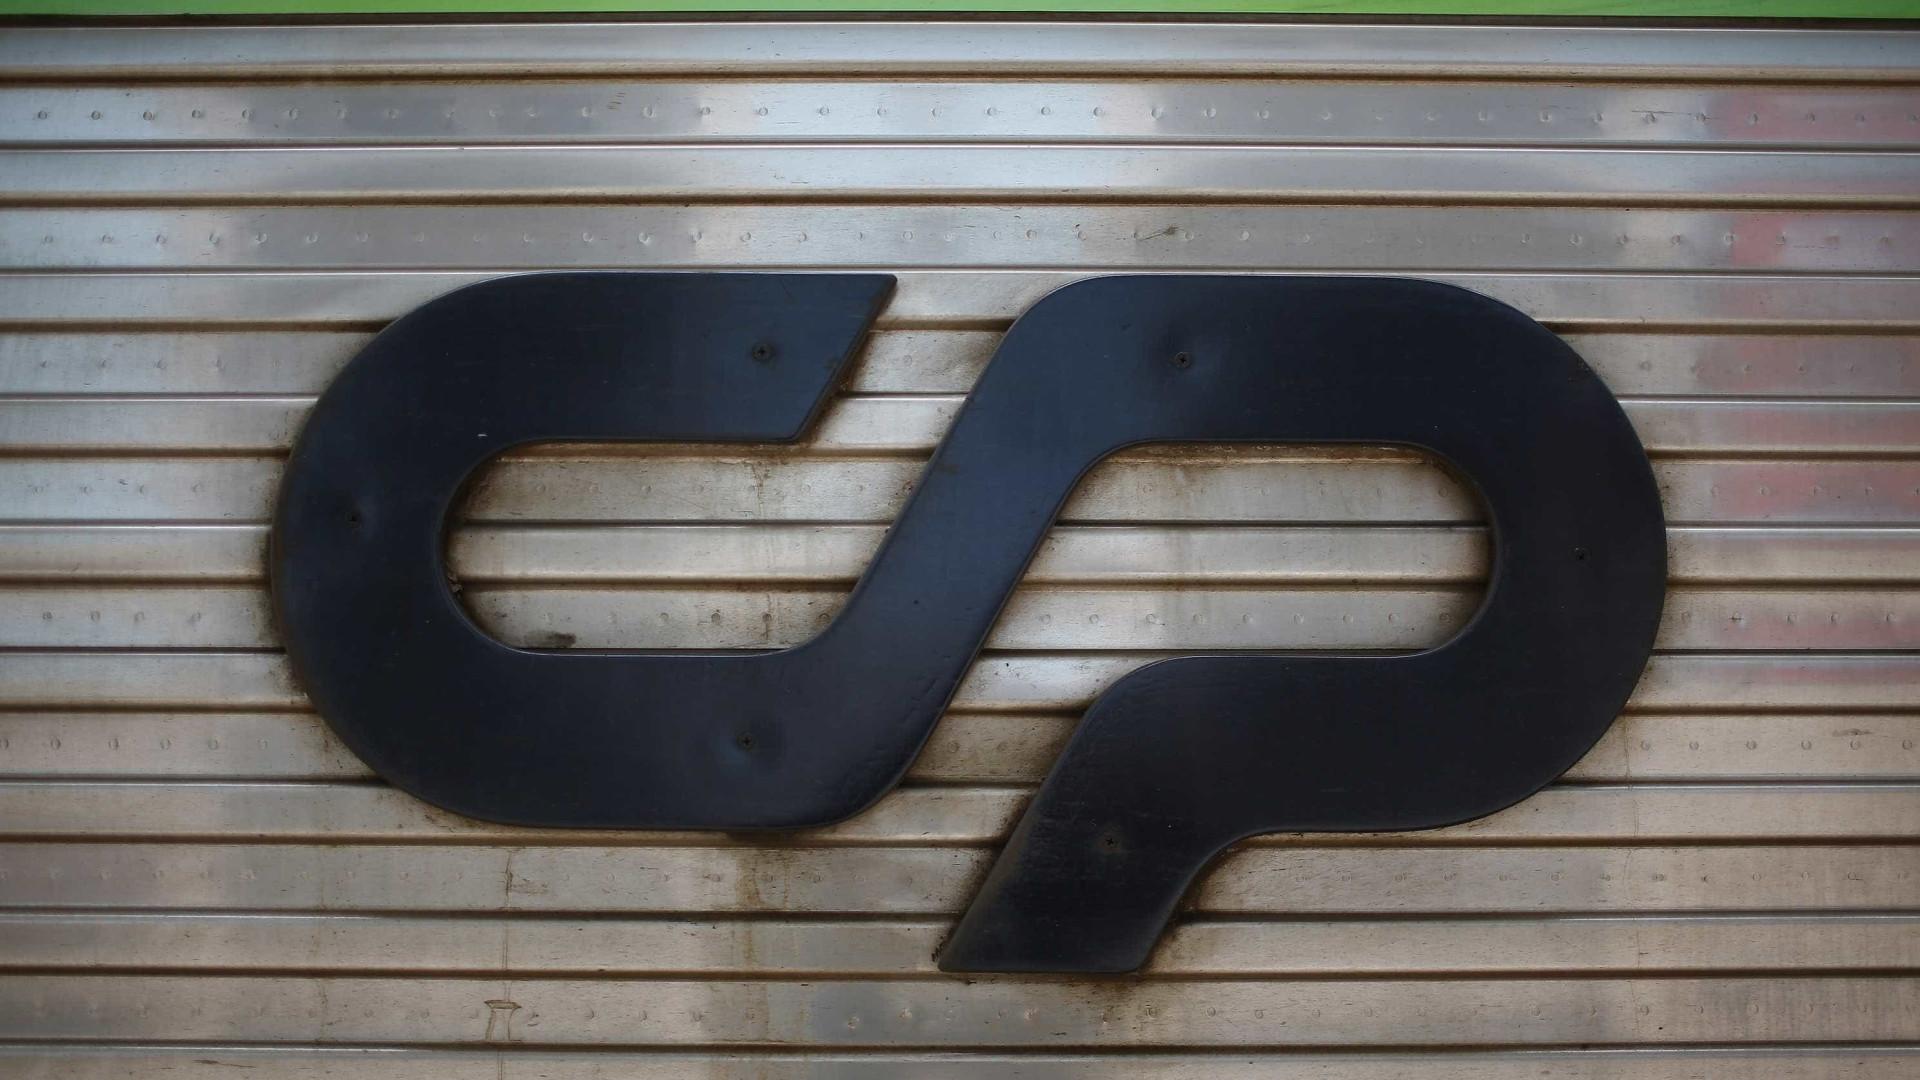 Passageiros transportados pela CP aumentam cerca de 6,3% até março